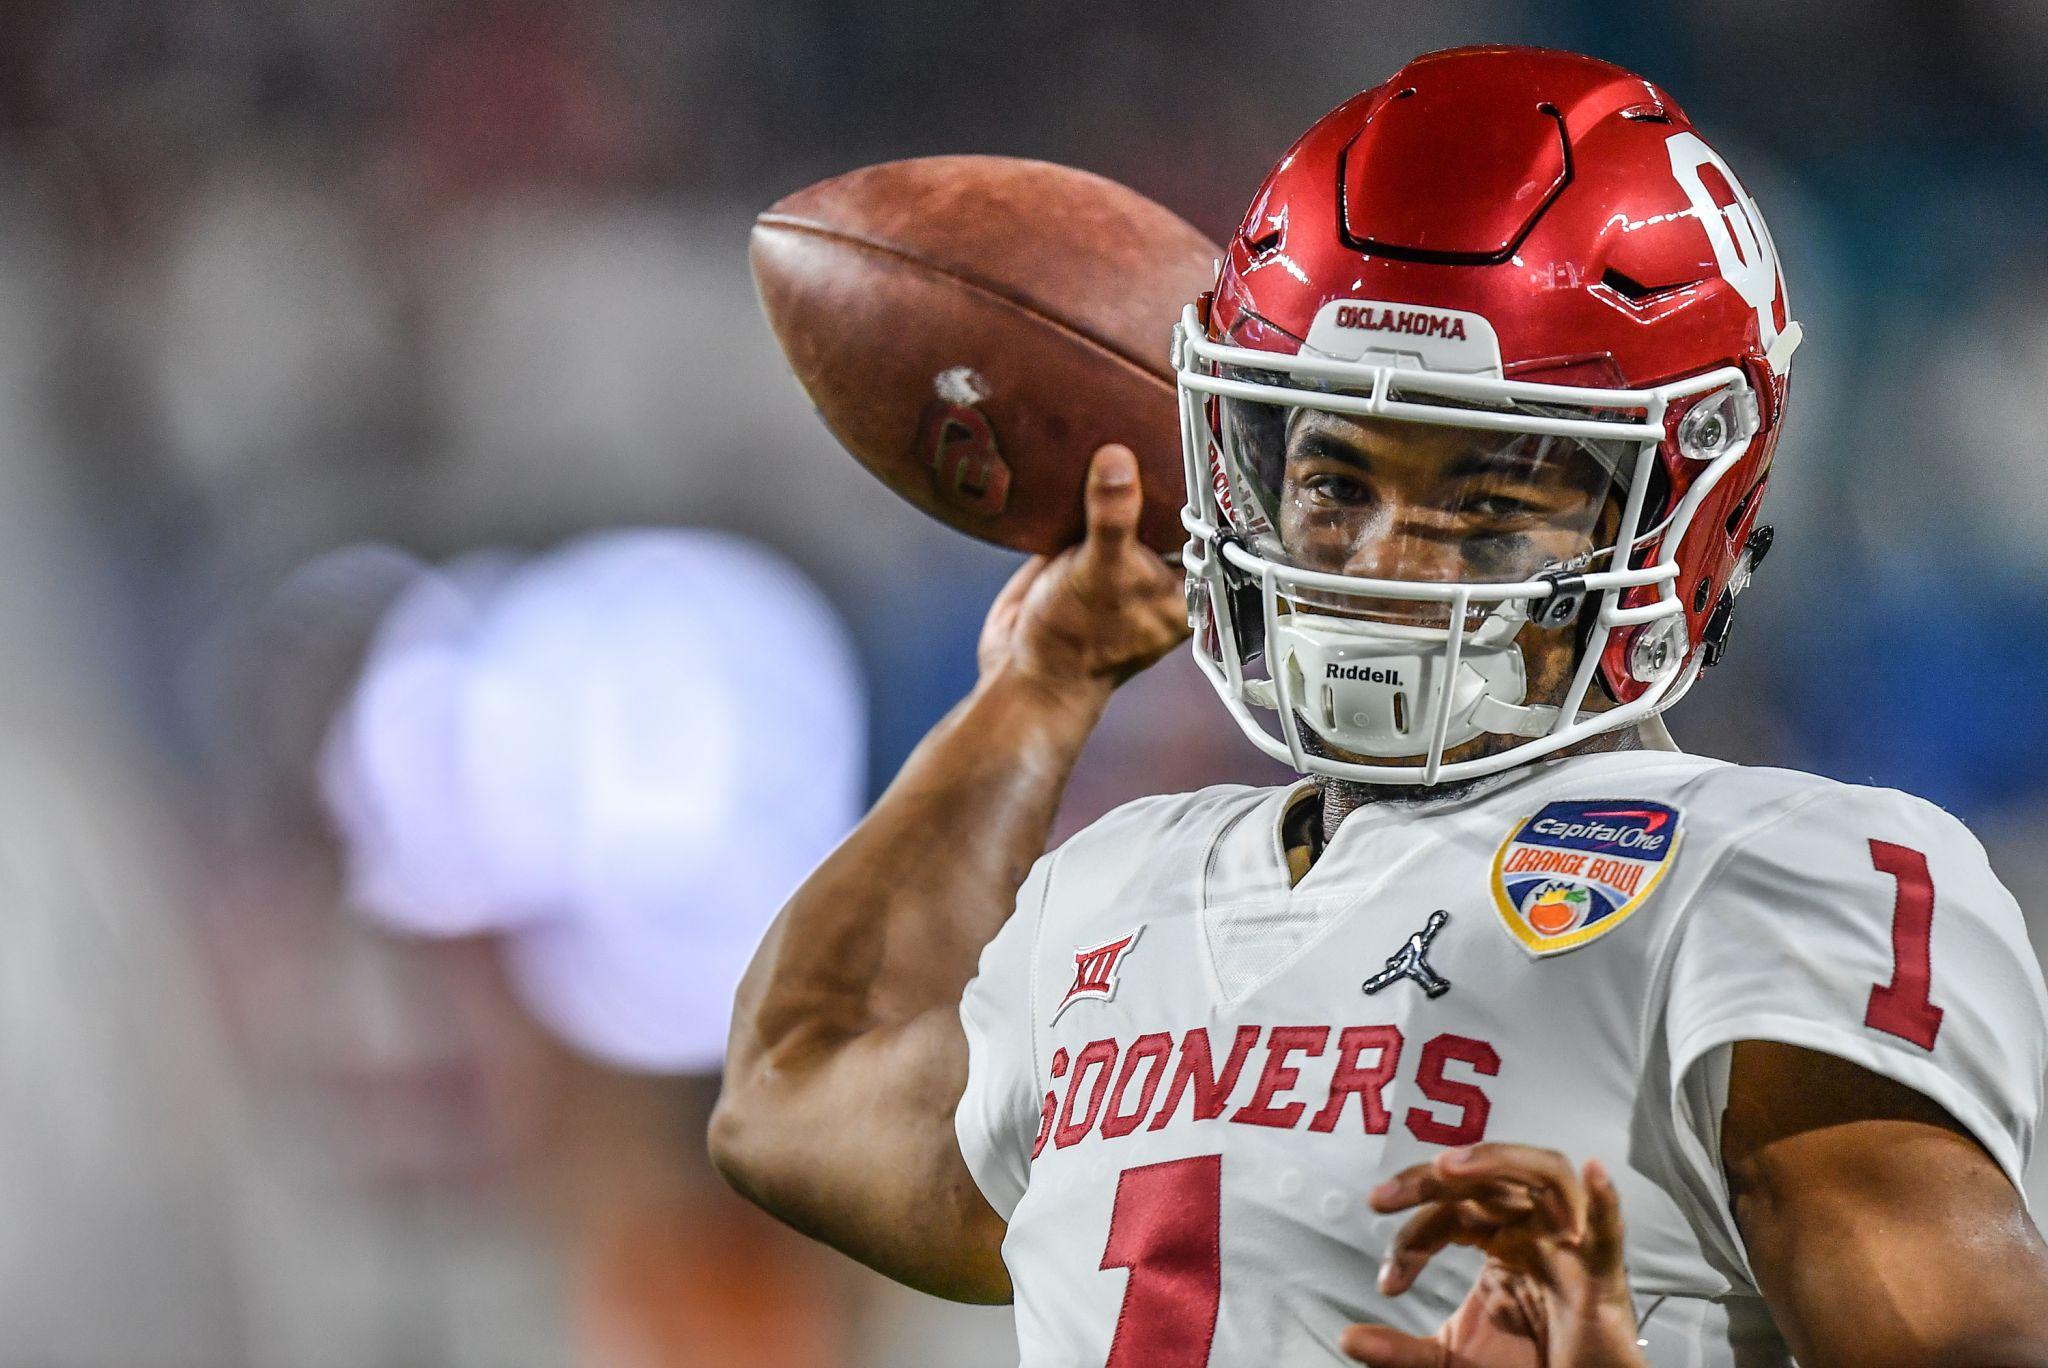 2019 NFL combine preview: Quarterbacks